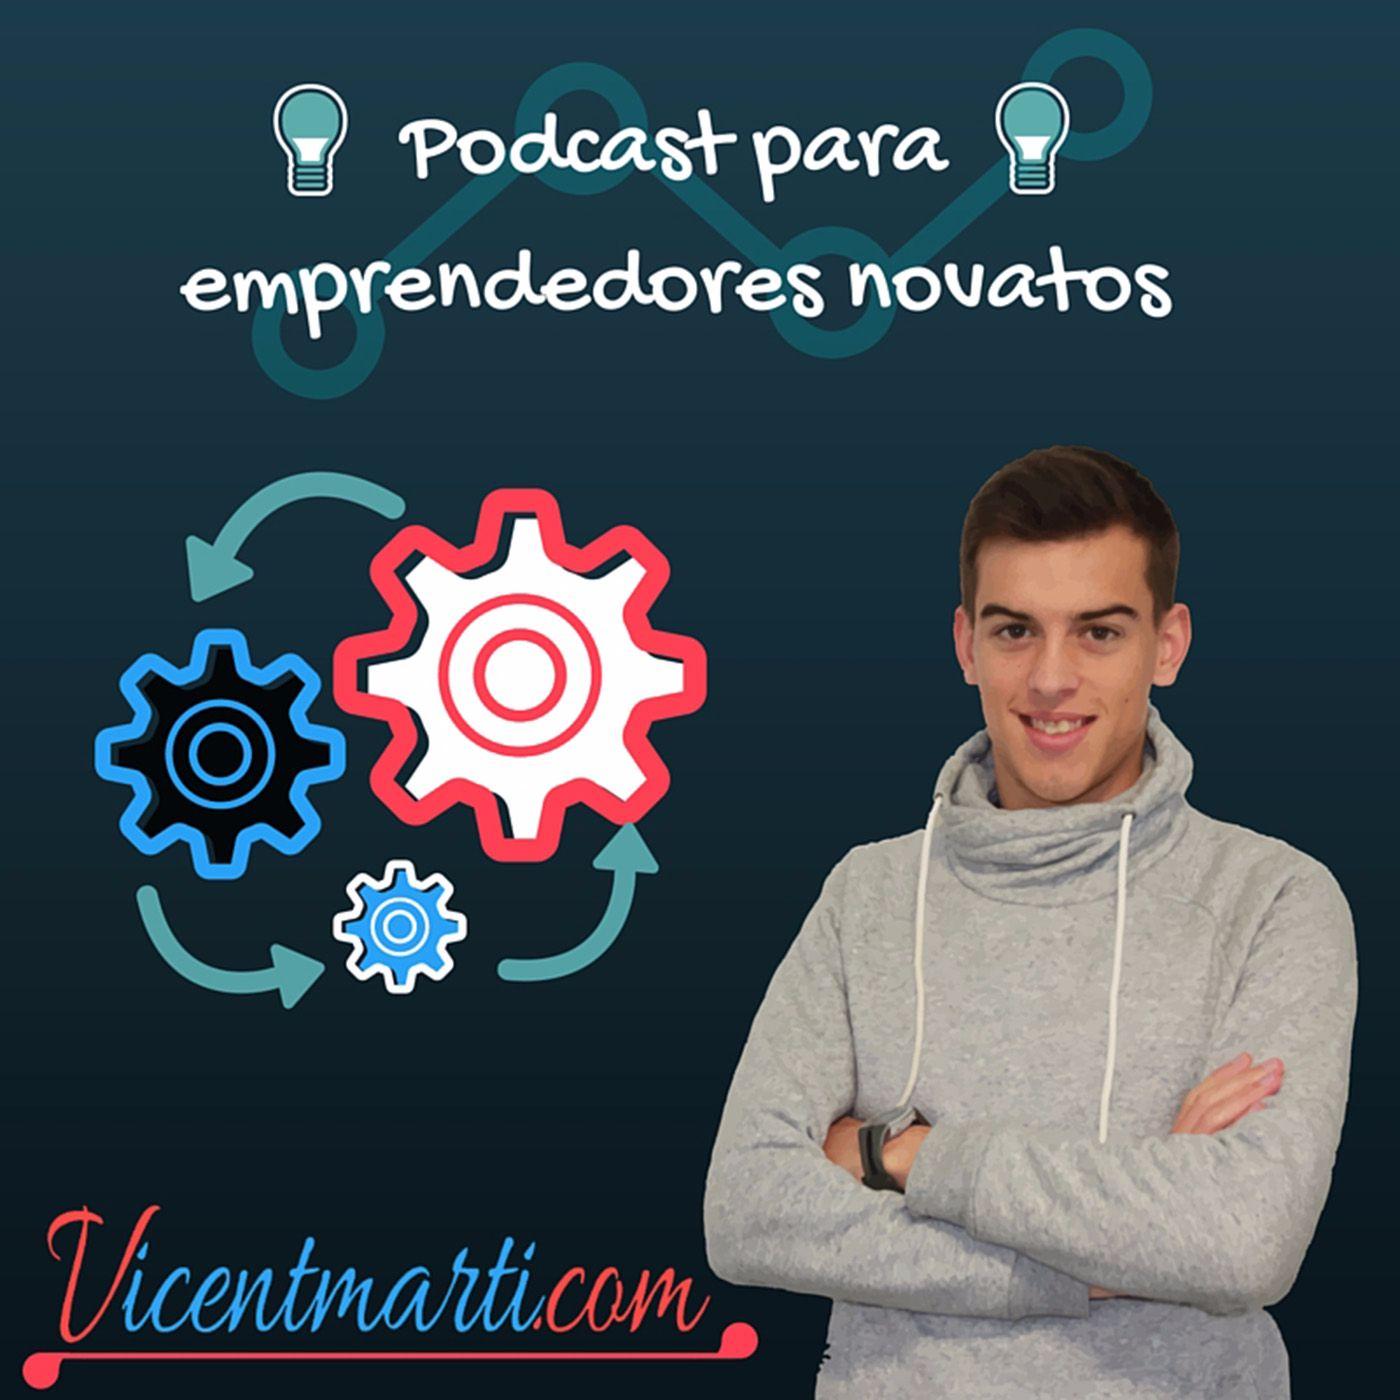 Podcast Para Emprendedores Novatos